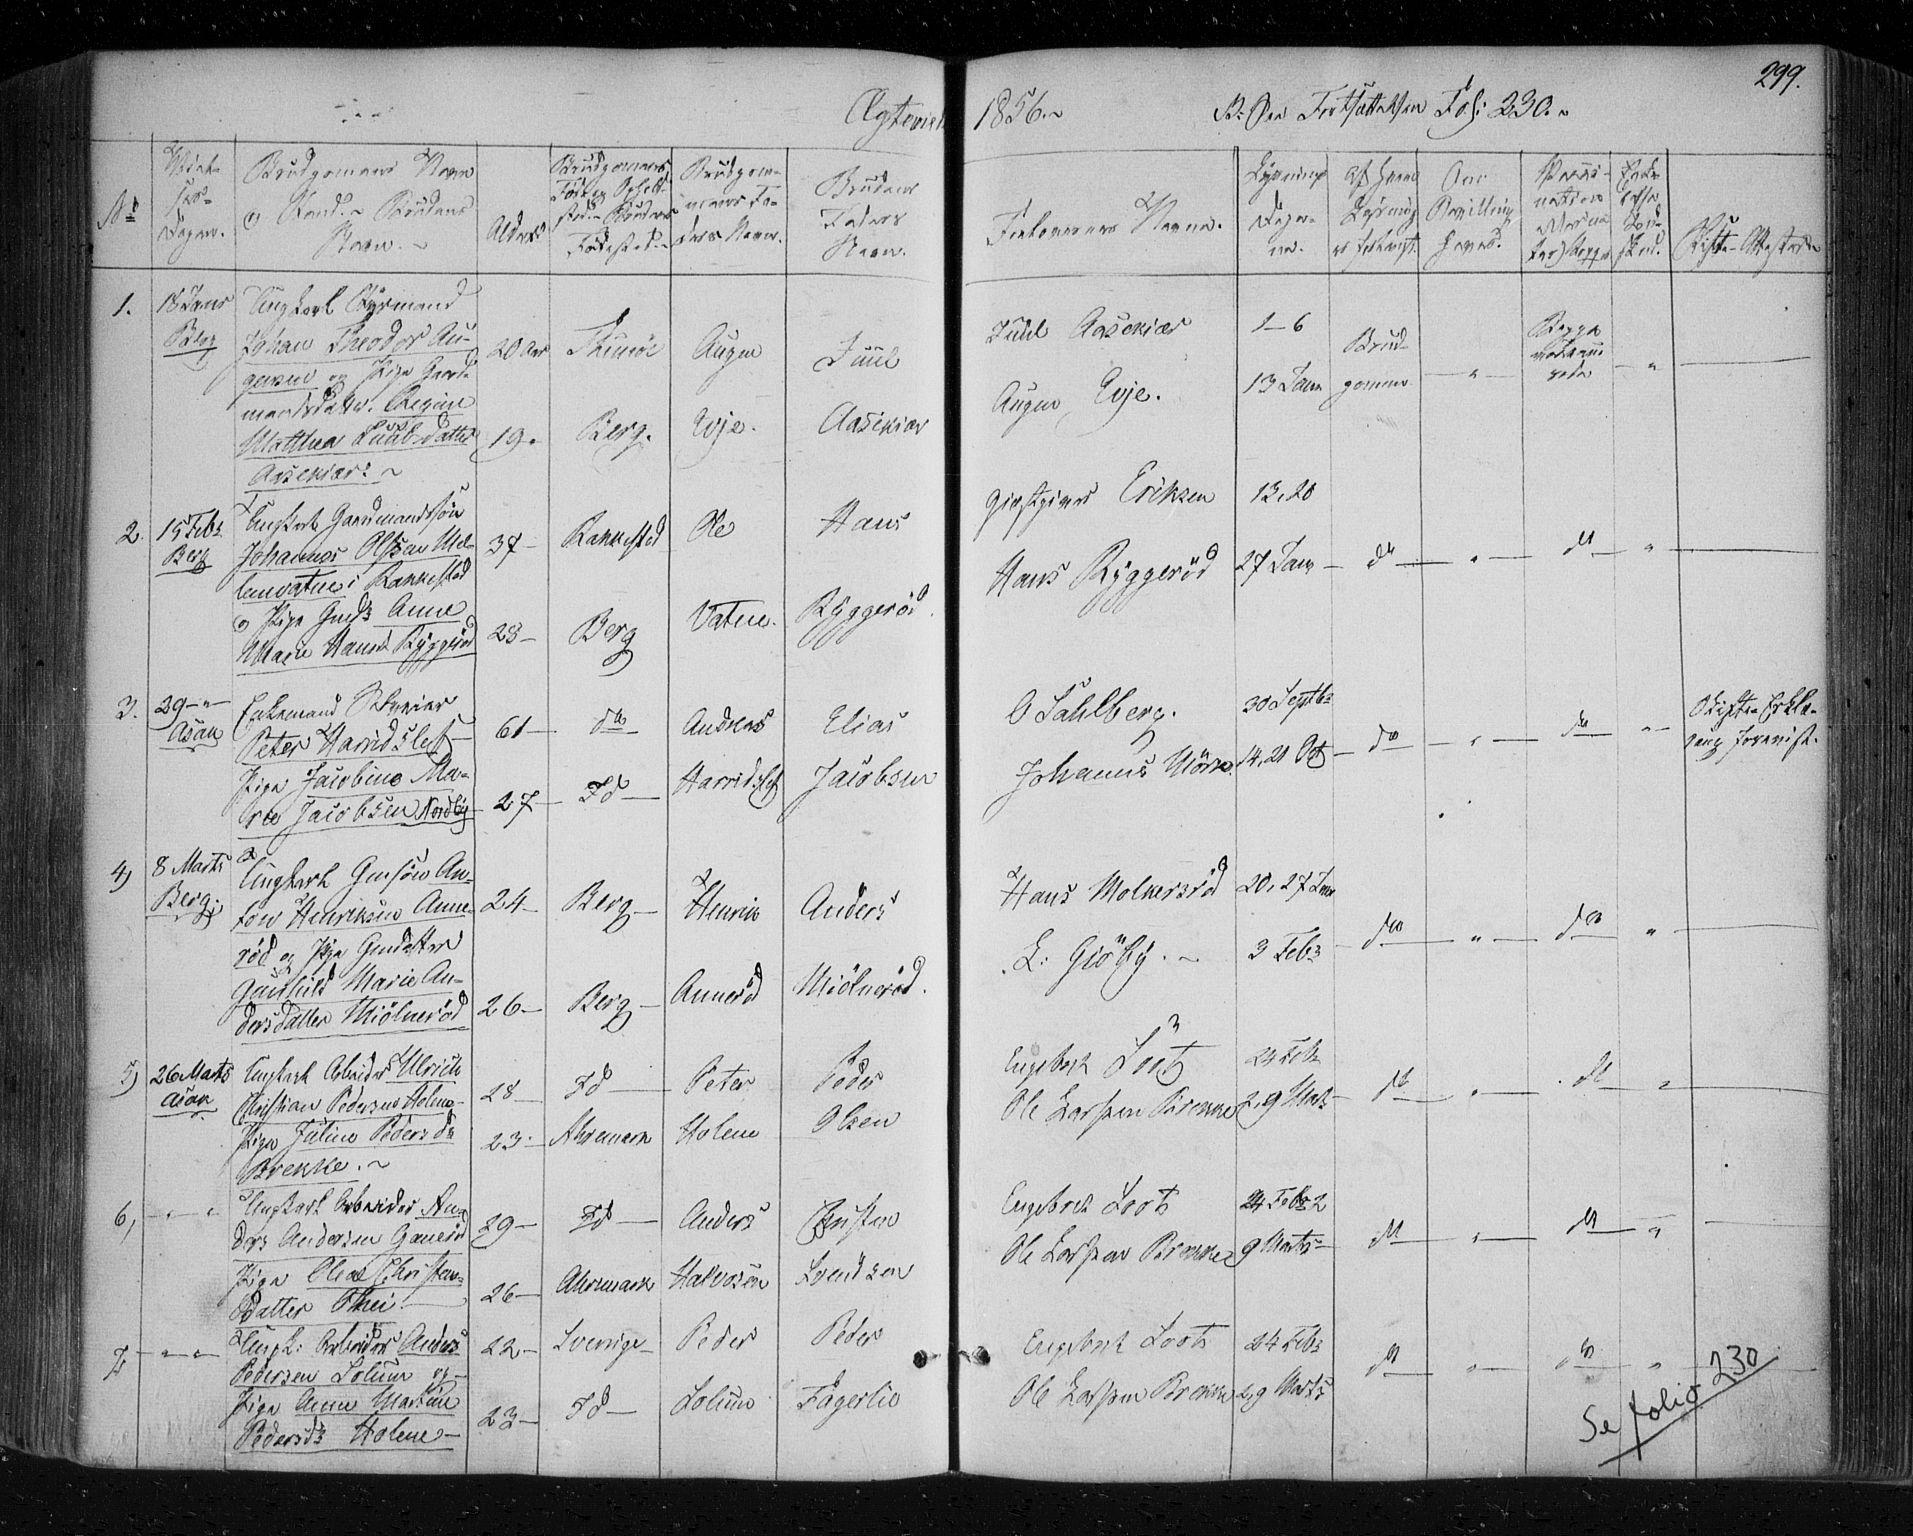 SAO, Berg prestekontor Kirkebøker, F/Fa/L0004: Ministerialbok nr. I 4, 1843-1860, s. 299